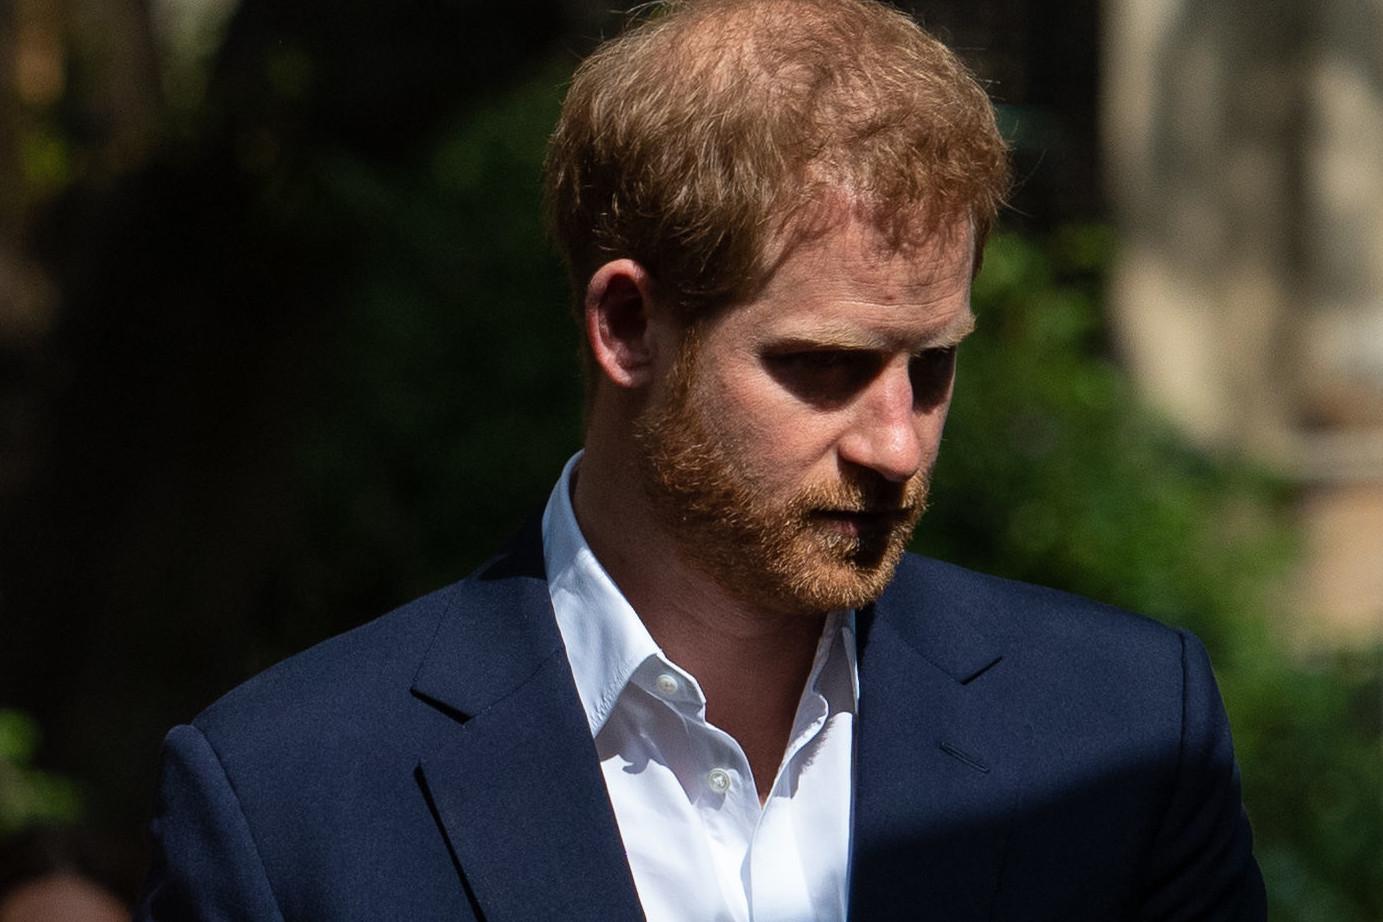 Książę Harry udzielił wywiadu. Wstrząsające słowa o matce ...